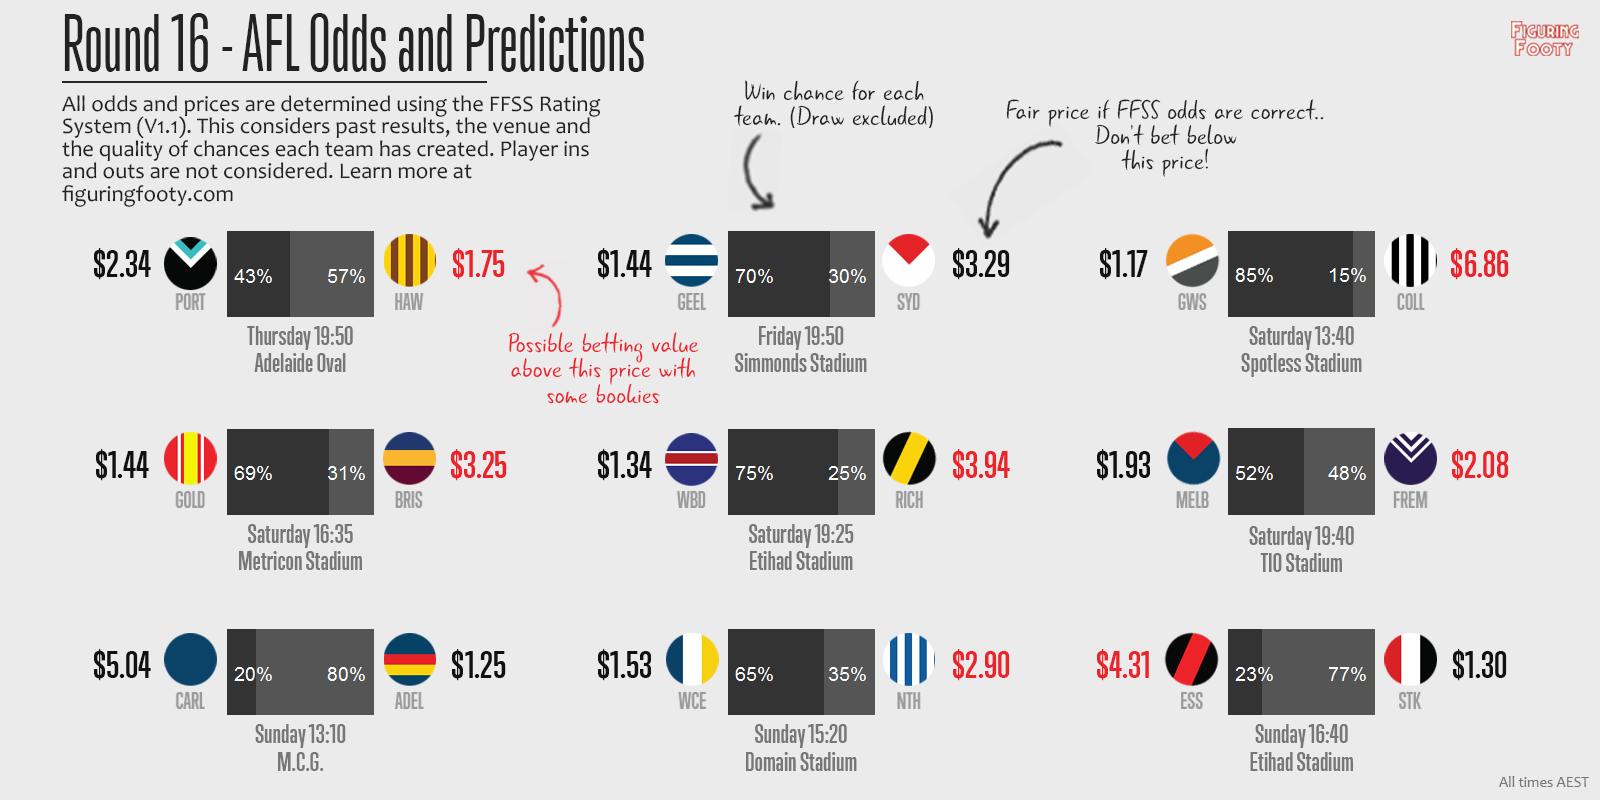 FFSS Round 16 Predictions